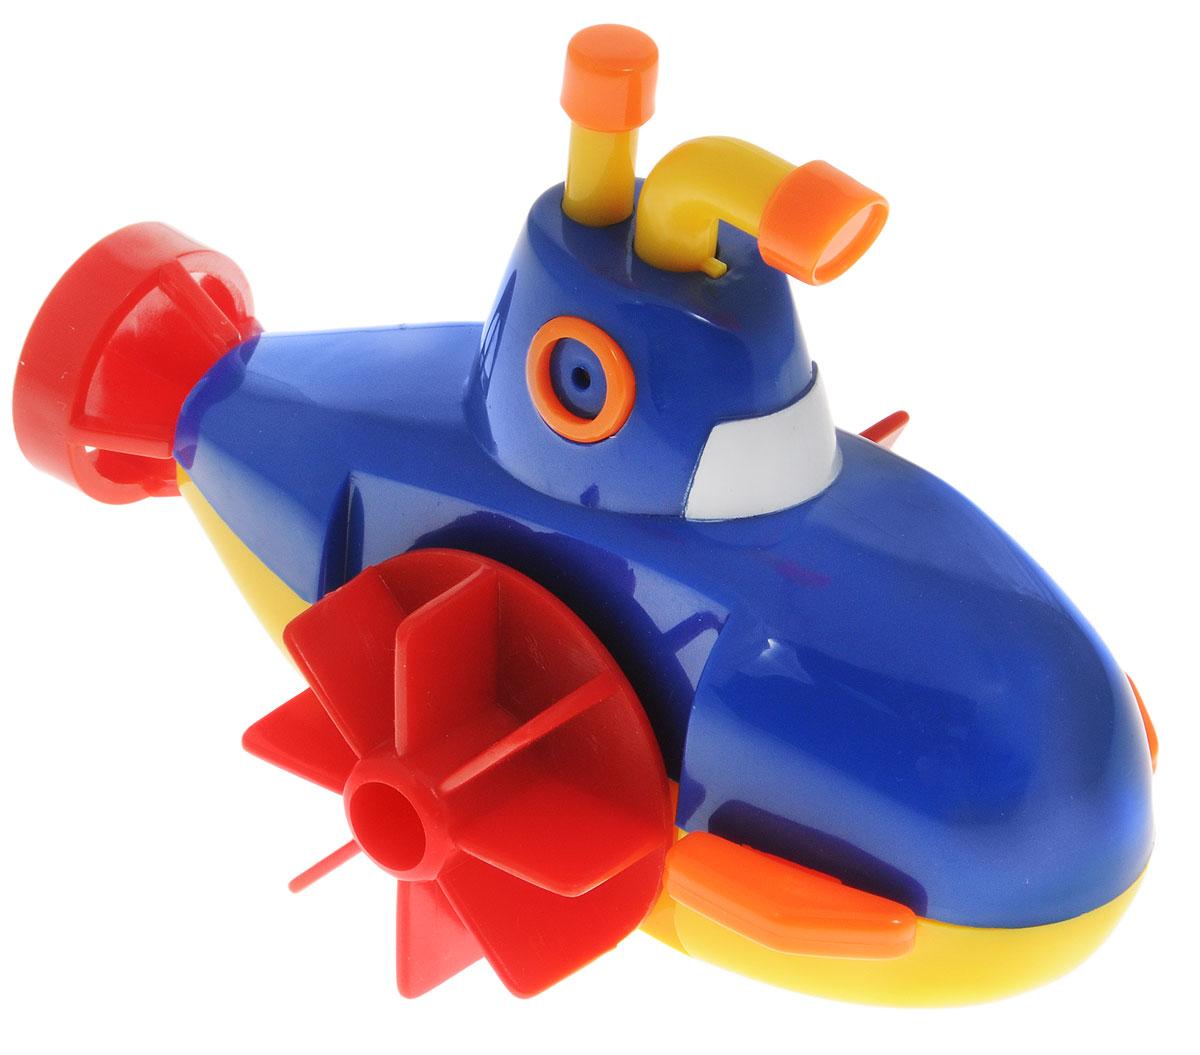 Navystar Игрушка для ванной Субмарина цвет голубой63906-1-BИгрушка для ванной Navystar Субмарина обрадует вашего малыша во время купания и сделает этот порой нелегкий процесс приятным и веселым. Игрушка выполнена в виде яркой подводной лодки с перископом и двумя боковыми гребными винтами. Если провернуть гребные винты назад, а затем отпустить, лодка поплывет вперед. Чем сильнее были провернуты винты, тем быстрее поплывет лодка. Игрушка для ванной Navystar Субмарина не только развеселит вашего малыша, но и поможет развить мелкую моторику.